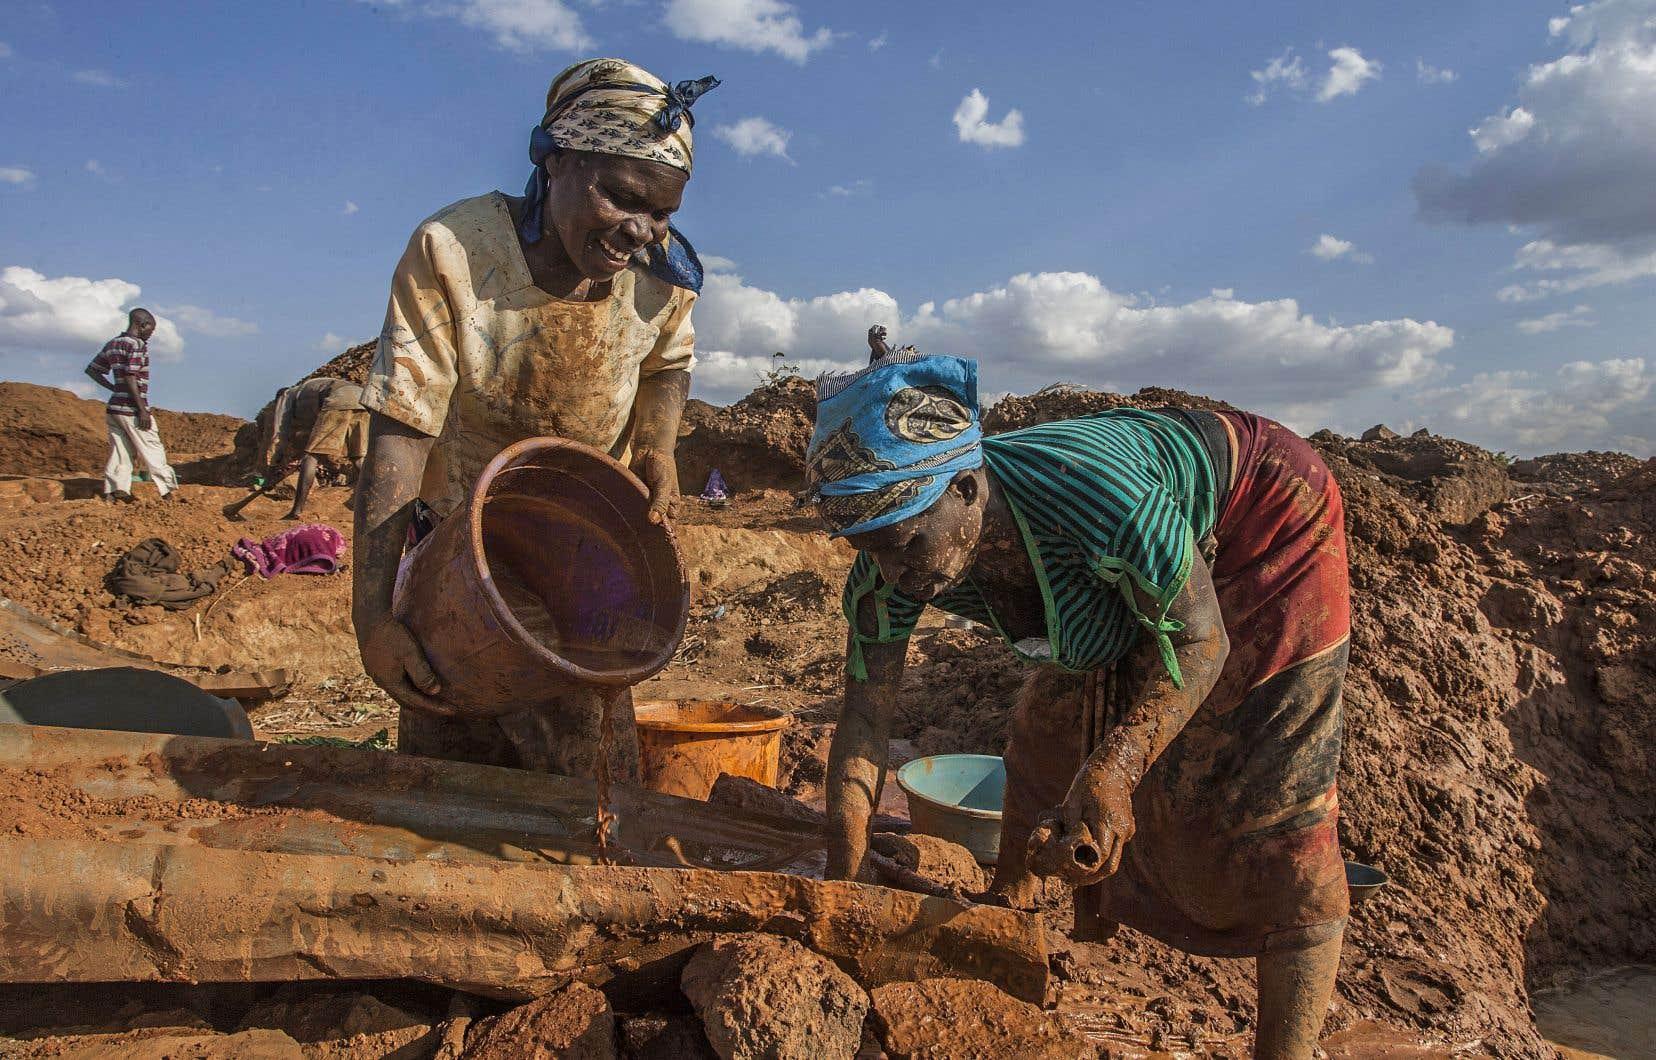 Le gouvernement Trudeau devrait mettre l'Afrique comme priorité centrale de son programme d'aide internationale et exercer un leadership fort auprès des pays de la région, estiment les auteurs.